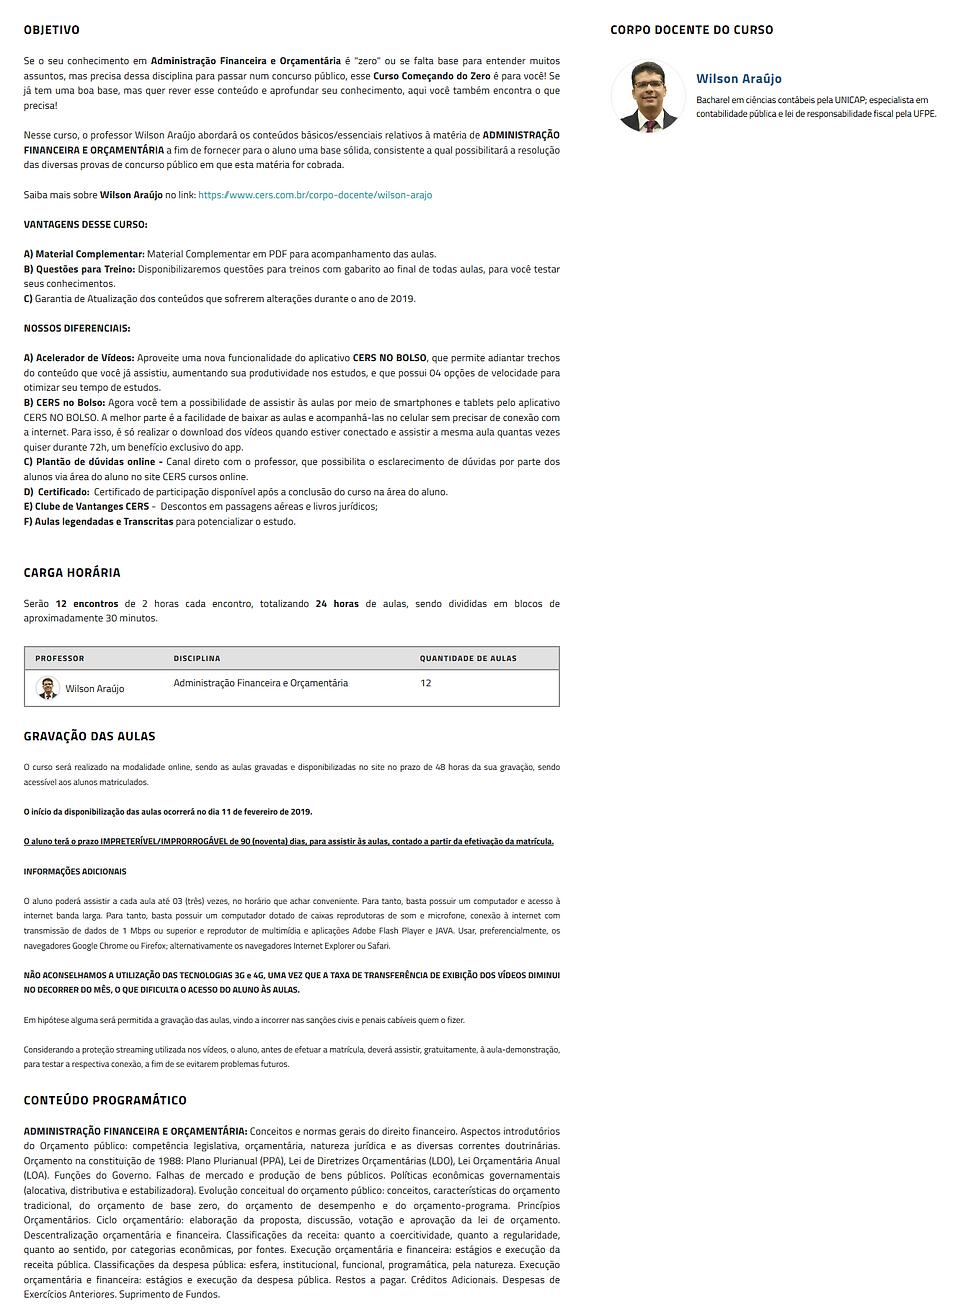 Administração_financeira_e_orçamentaria_